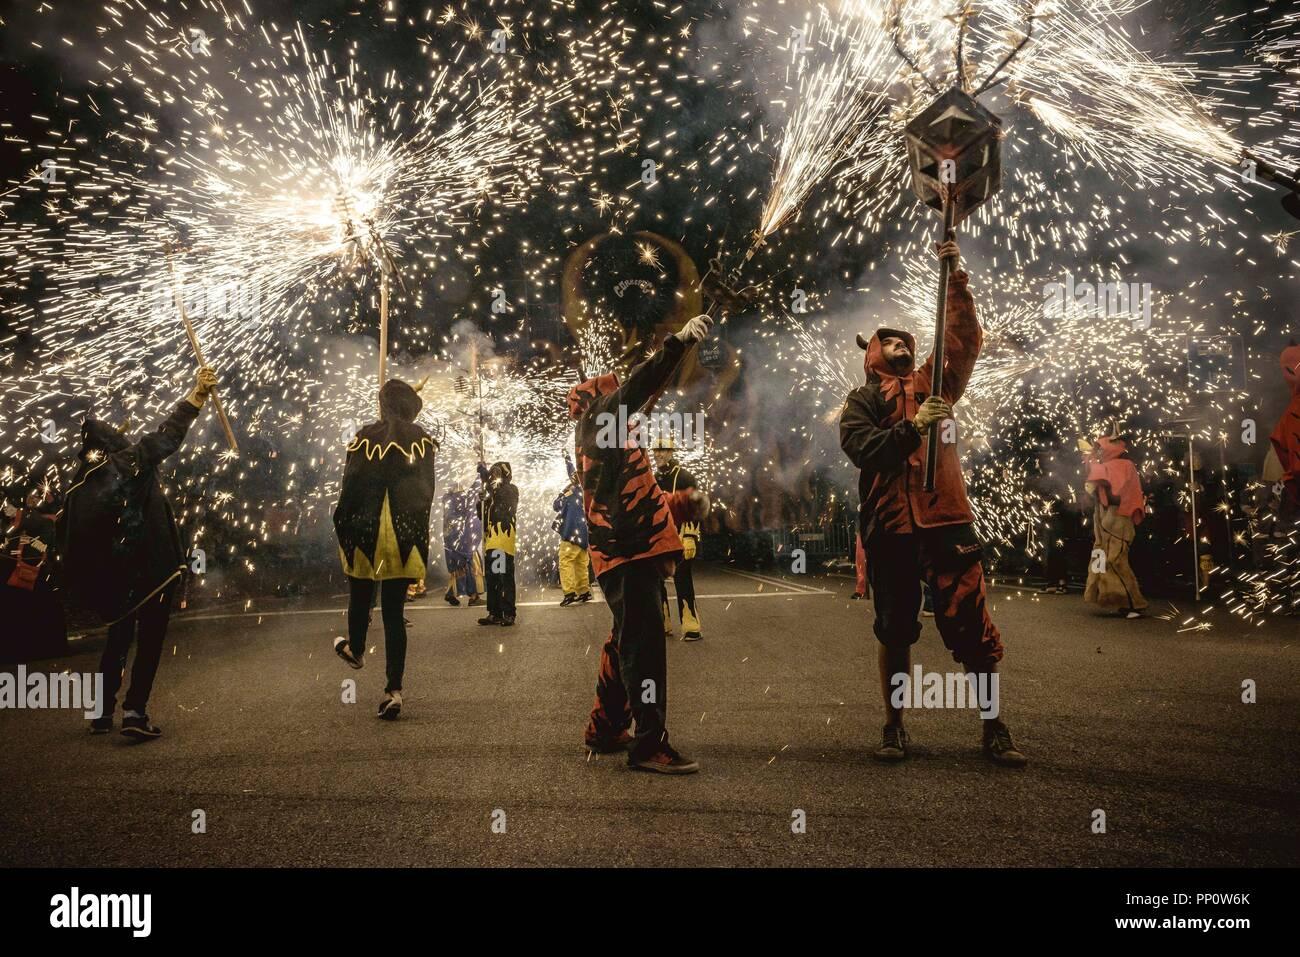 Barcelone, Espagne. 22 Septembre, 2018: 'Correfocs' (feu porteur) provoquer d'artifice au cours de la Fiesta Mayor de Barcelone (festival principal), la Merce Crédit: Matthias Rickenbach/Alamy Live News Banque D'Images